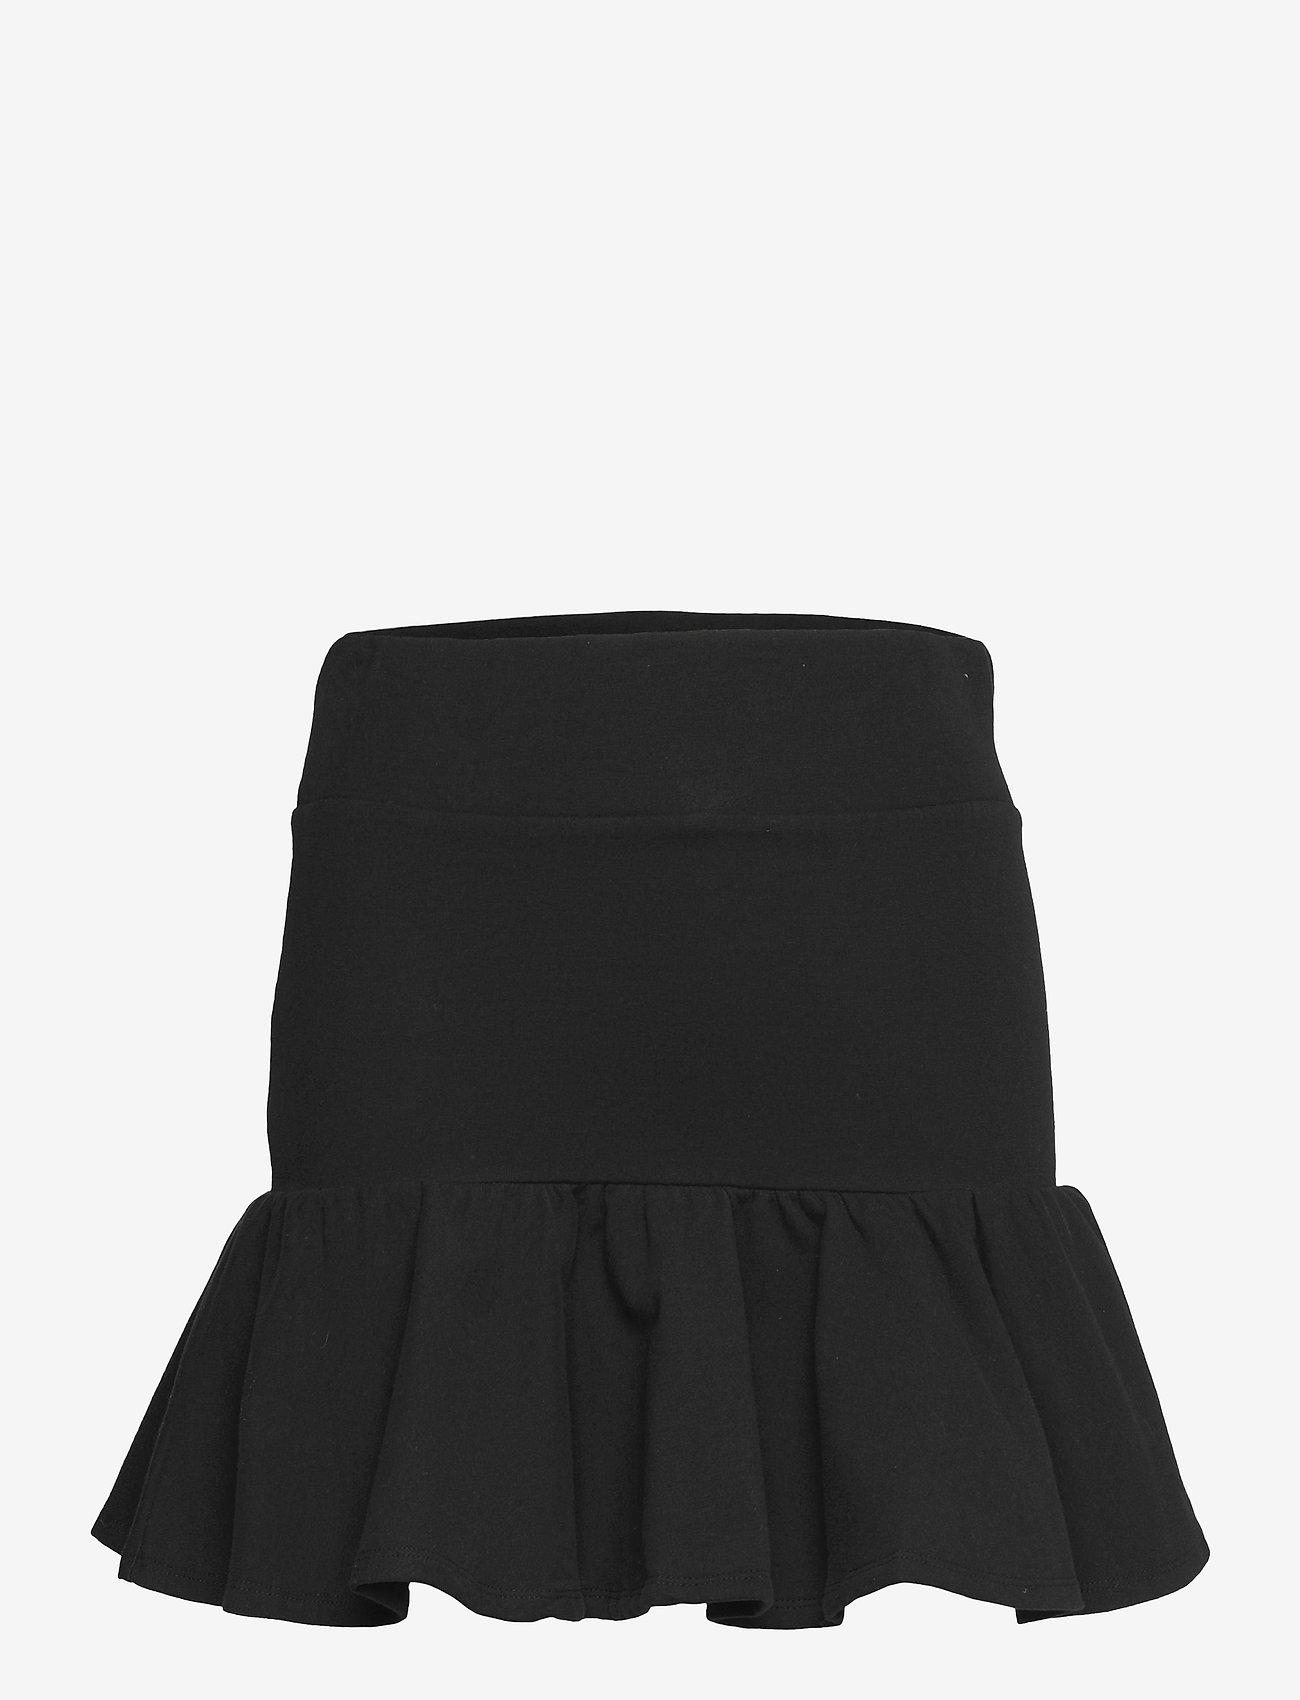 ella&il - Ginger skirt - jupes courtes - black - 0